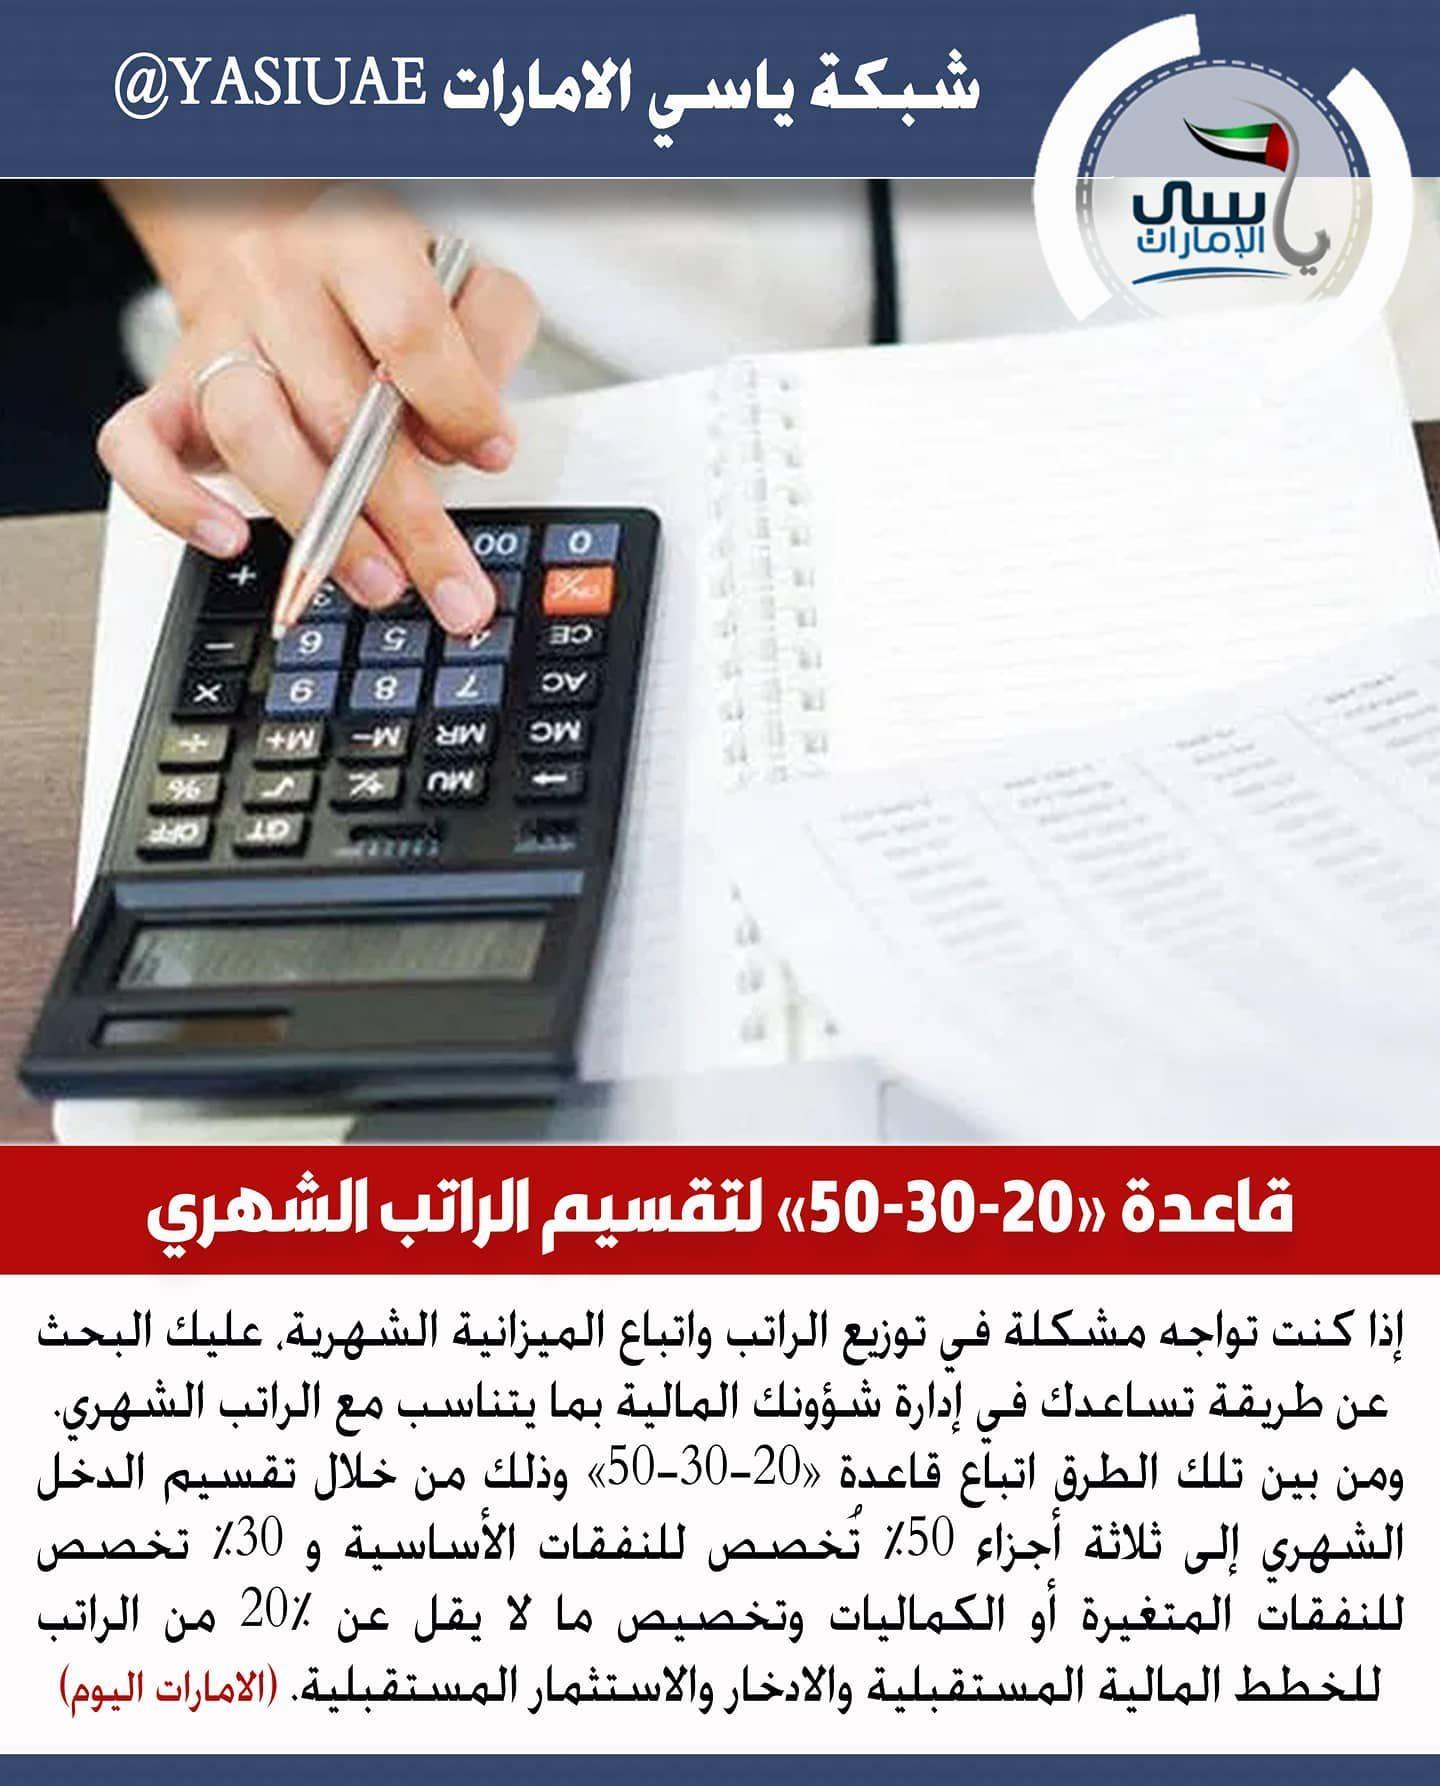 قاعدة 50 30 20 طريقة تساعدك في إدارة شؤونك المالية بما يتناسب مع الراتب الشهري للمزيد من التفاصيل Www Yasiuae Net ي Blackberry Phone Blackberry Phone